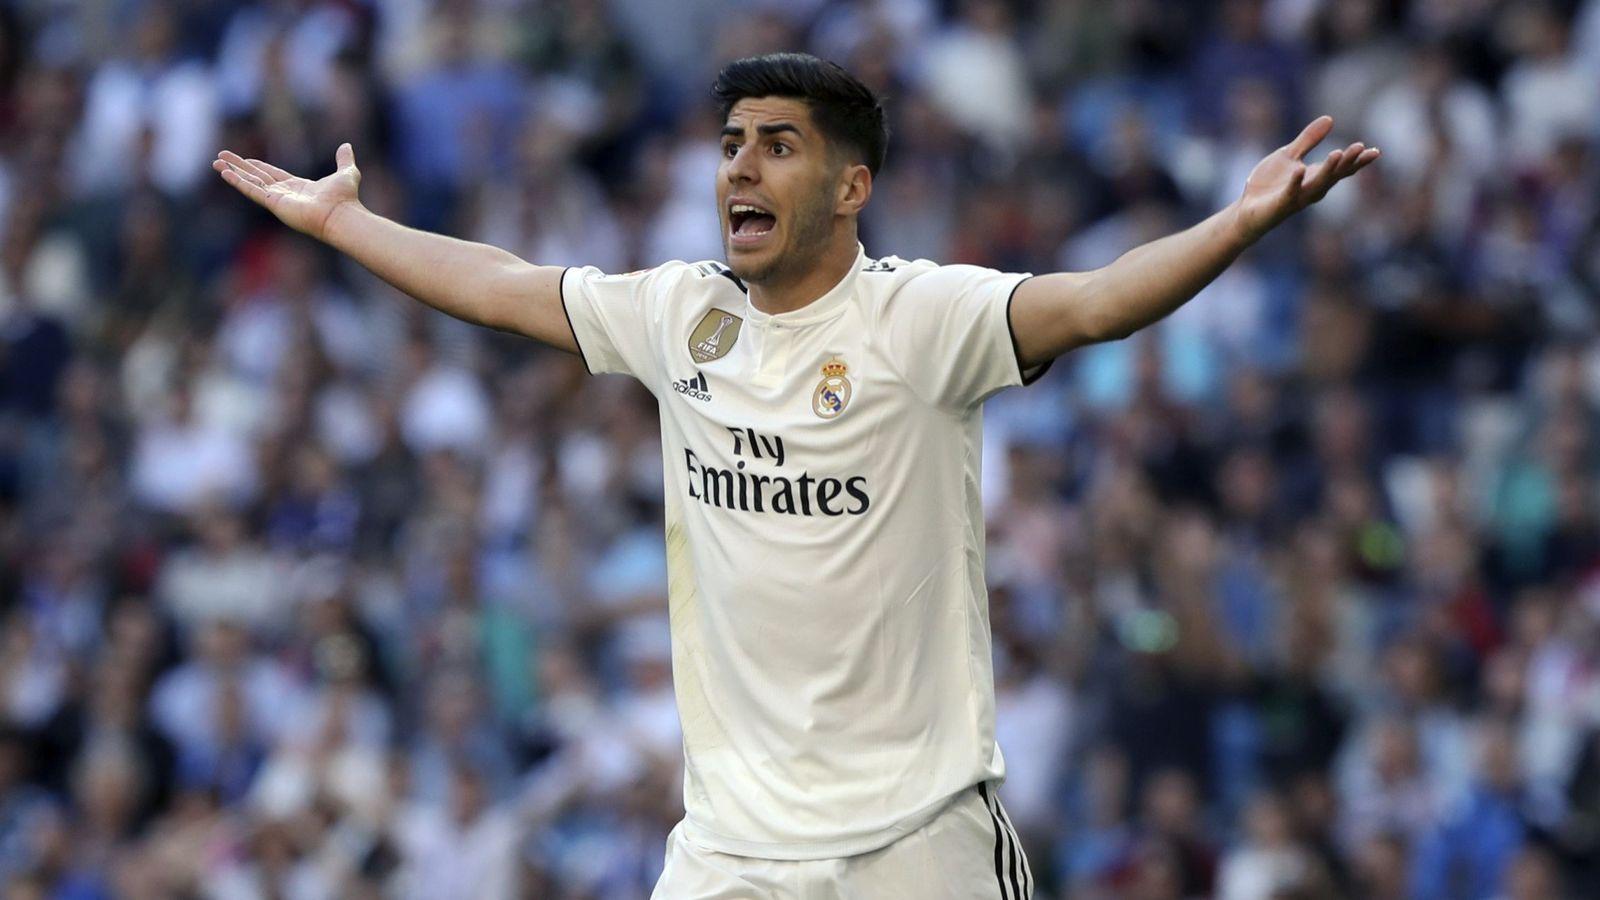 Foto: Marco Asensio, durante un partido del Real Madrid. (EFE)